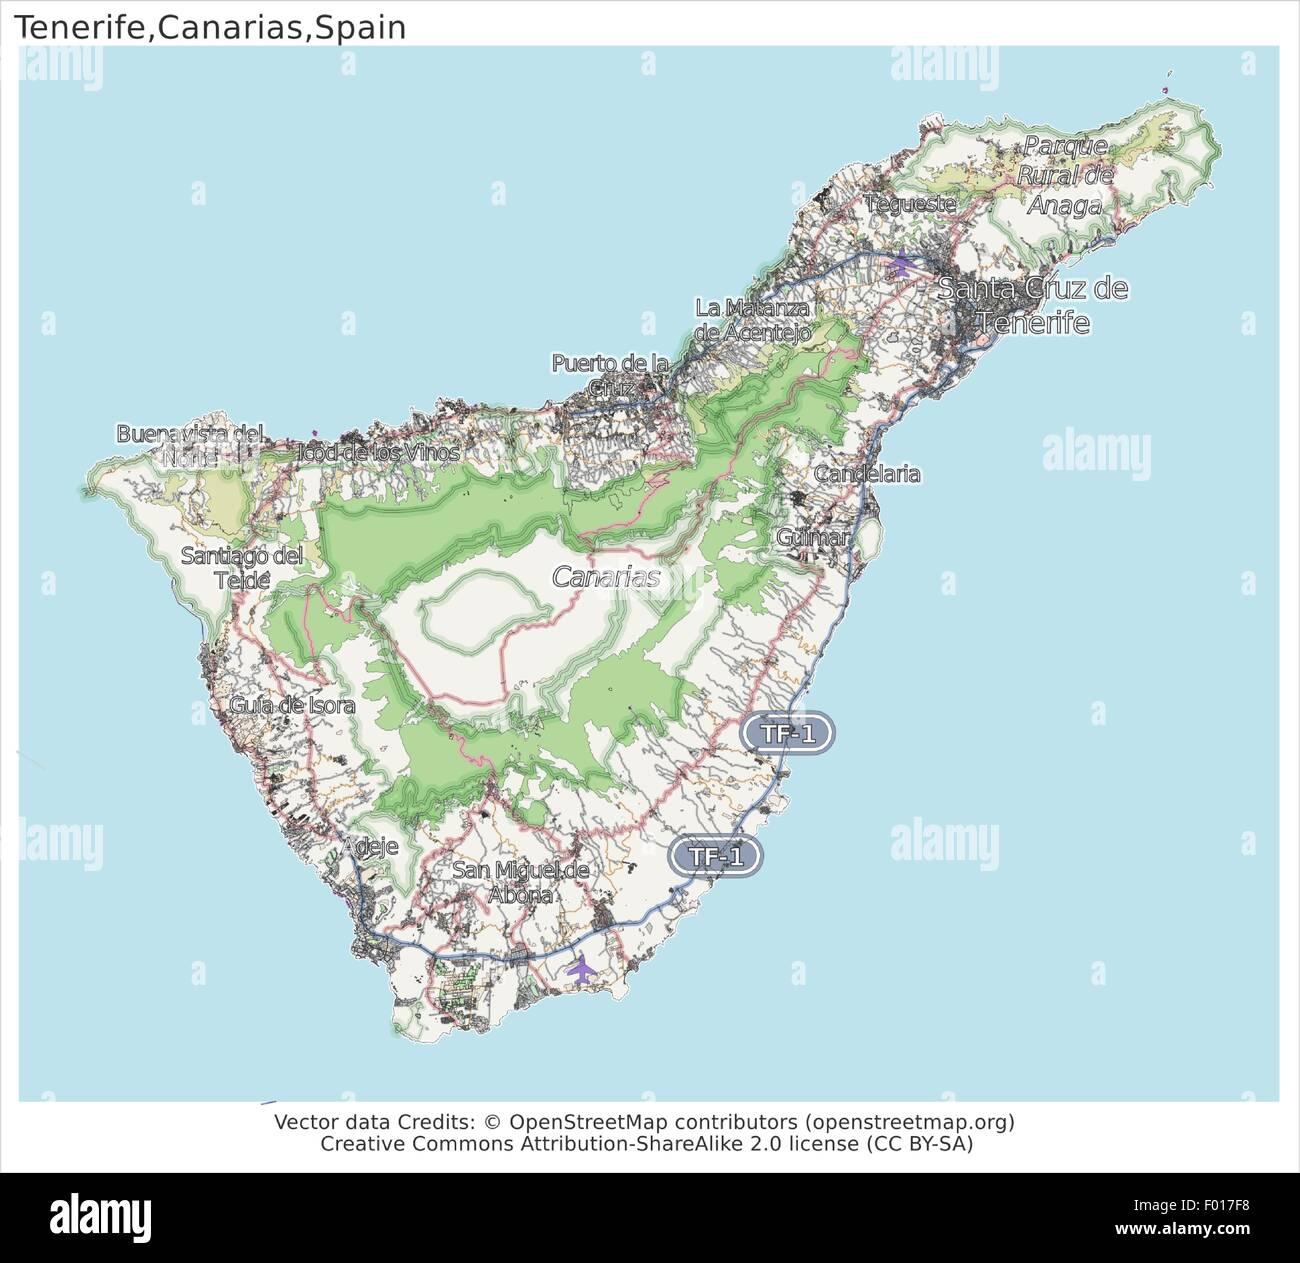 Tenerife Cartina Spagna.Tenerife Isole Canarie Spagna Mappa Della Citta Vista Aerea Immagine E Vettoriale Alamy